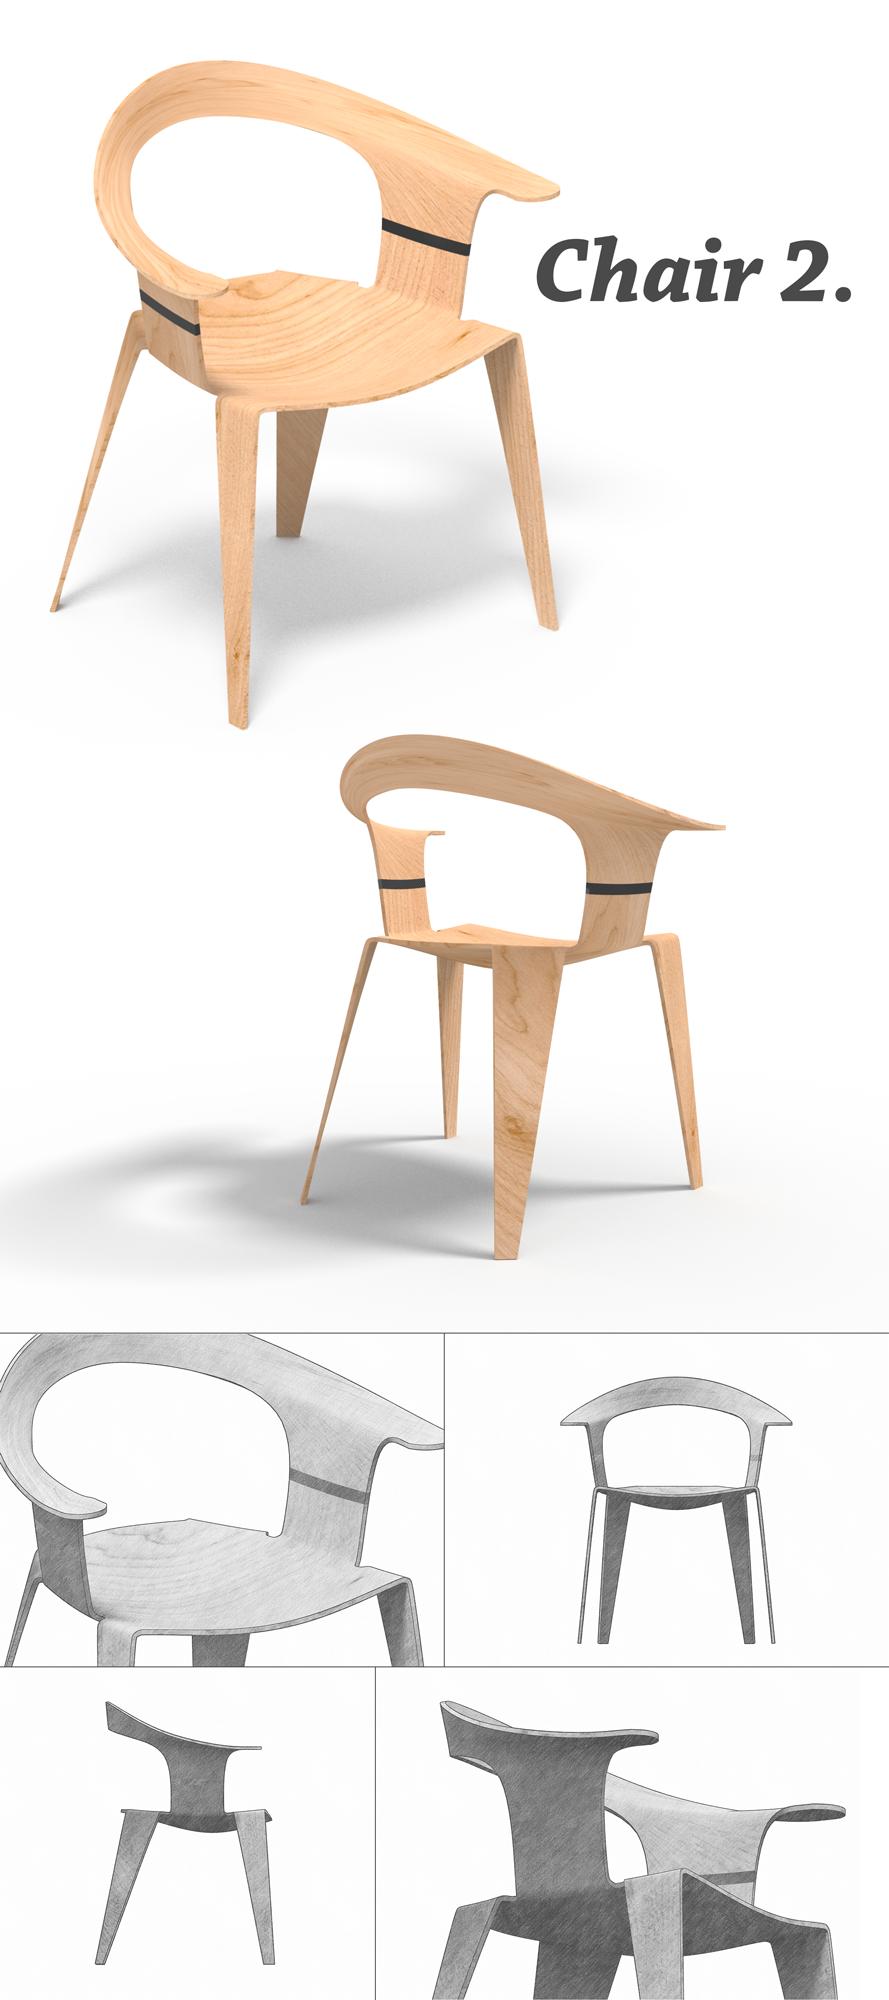 Chair 2.  #chair, #wood, #design